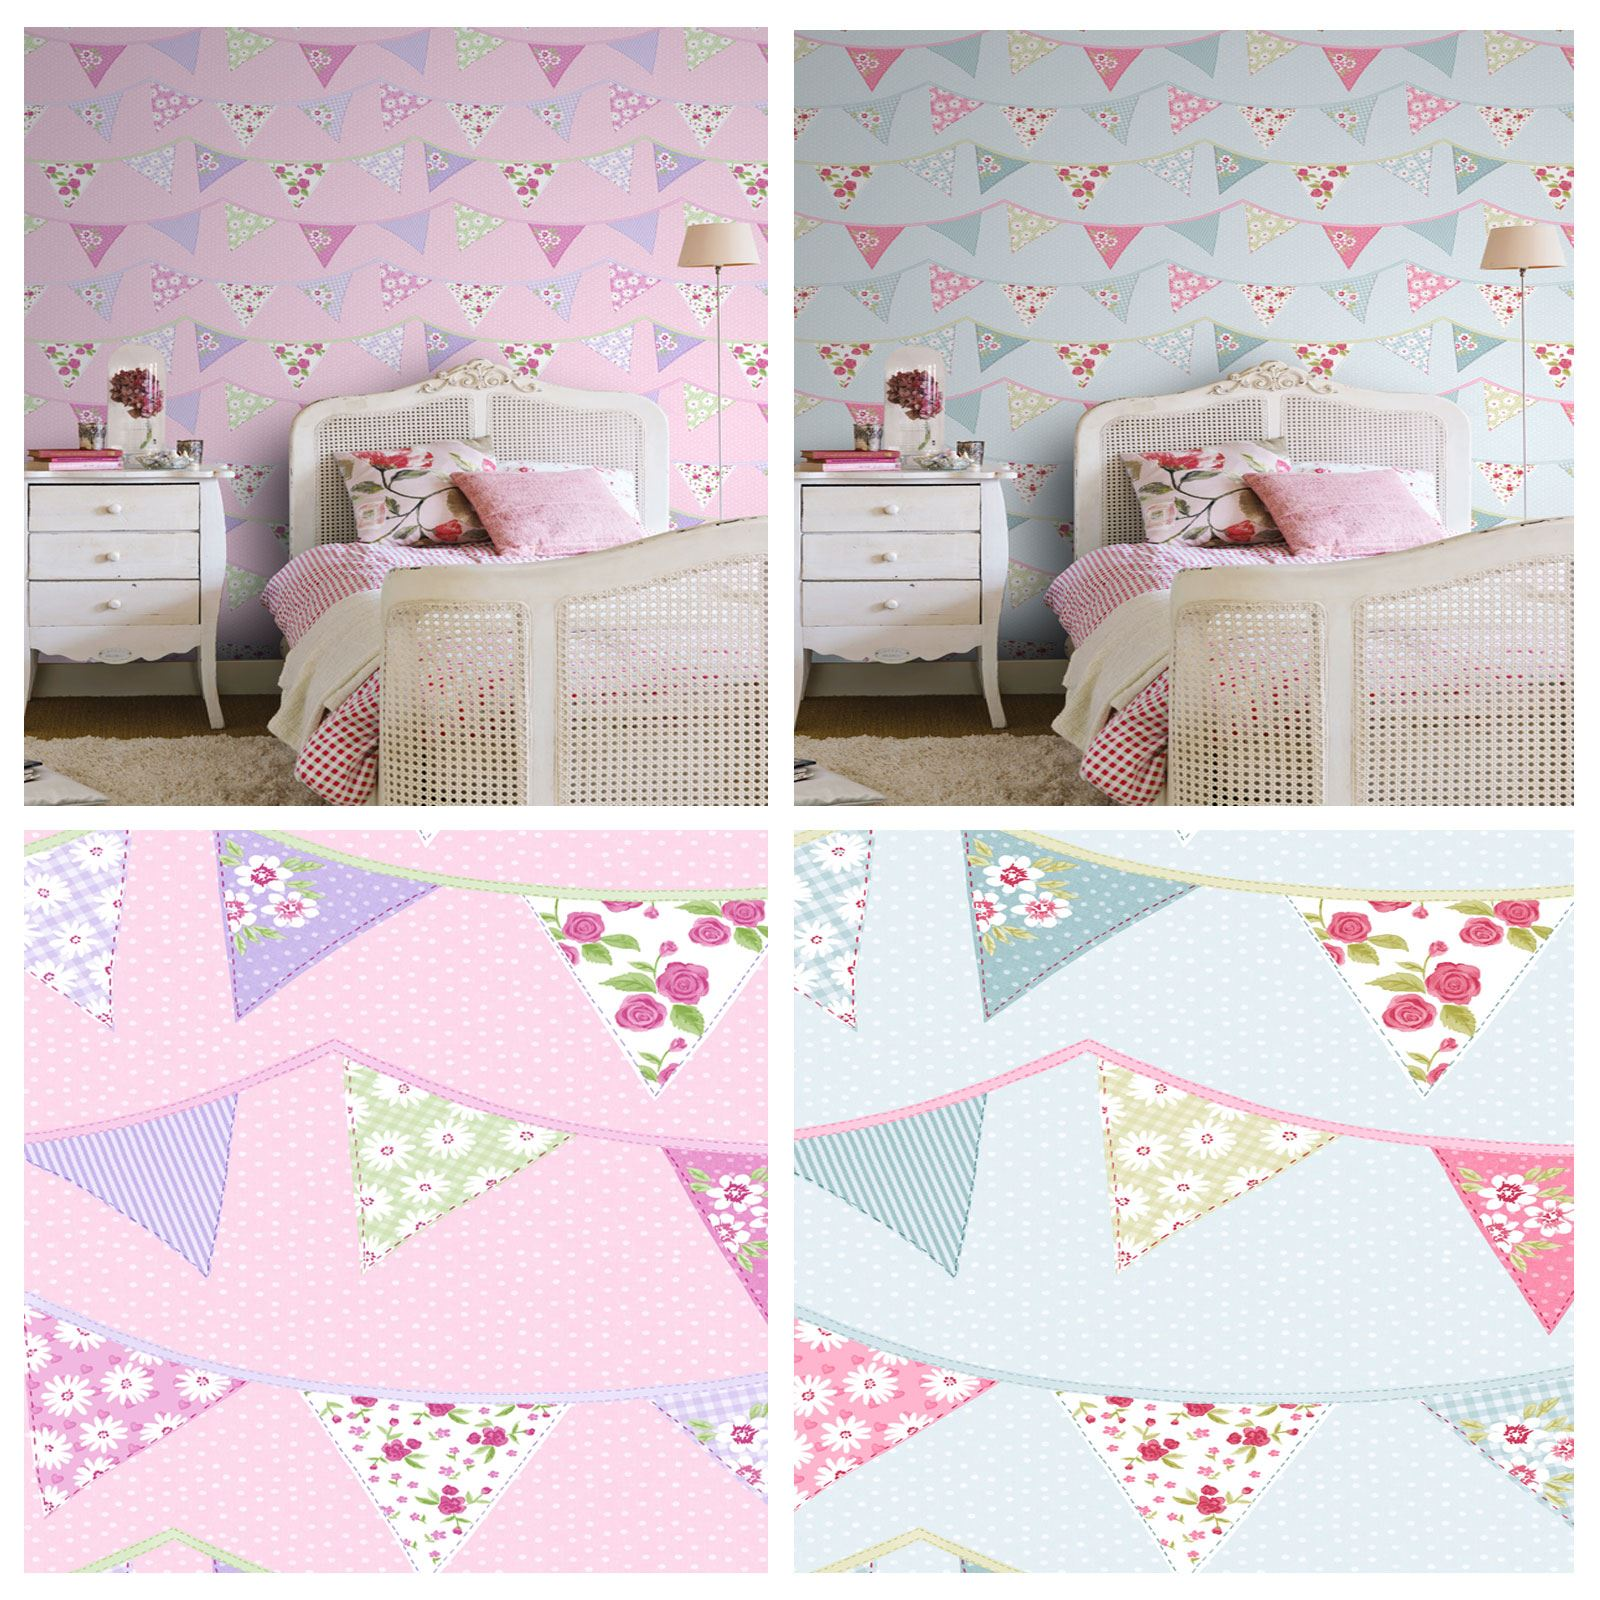 Bunting wallpaper blue pink pastel floral design washable for Girls bedroom wallpaper